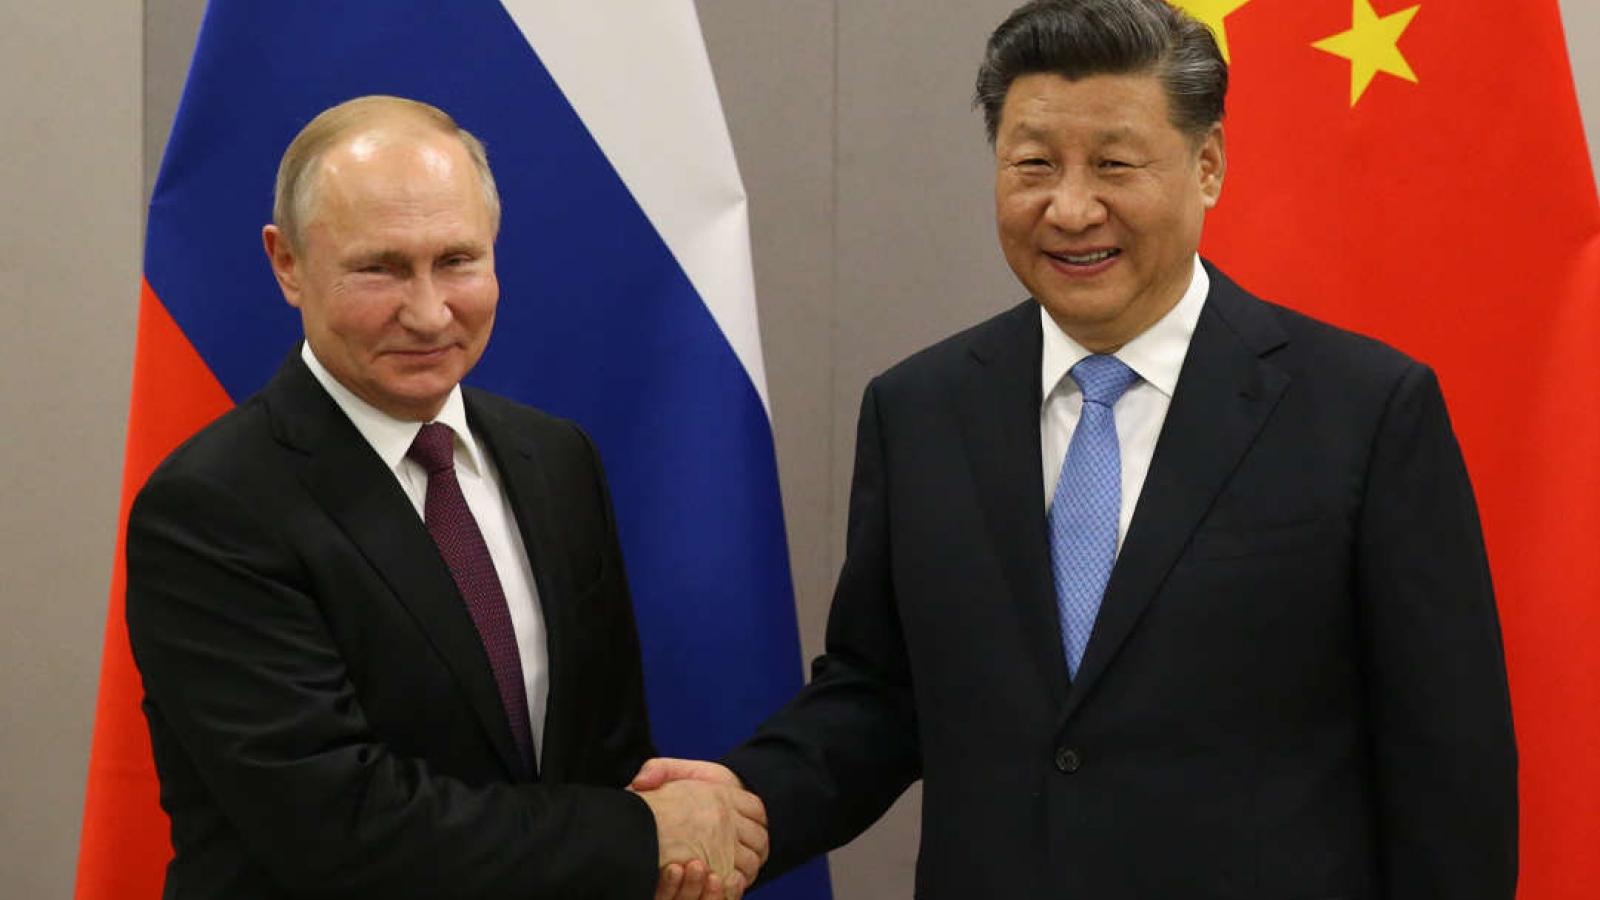 """Trung Quốc cảnh báo sẽ cùng Nga đáp trả hành động """"khiêu khích nghiêm trọng"""" của Mỹ"""